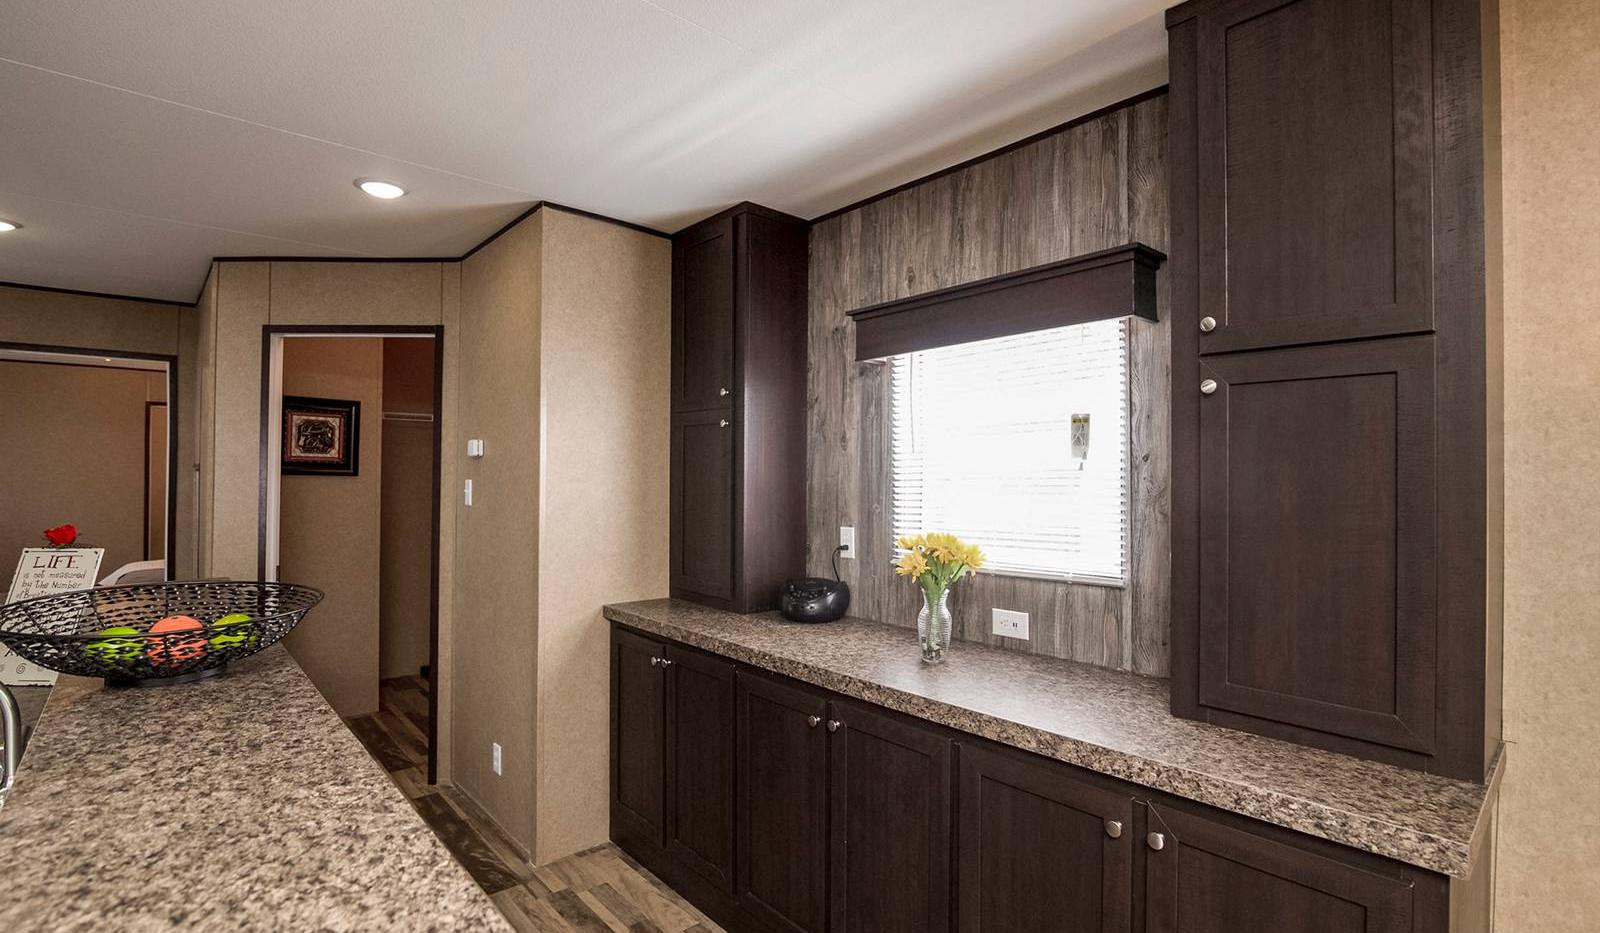 6-puebla-kitchen-5-copy-1600x1067.jpg